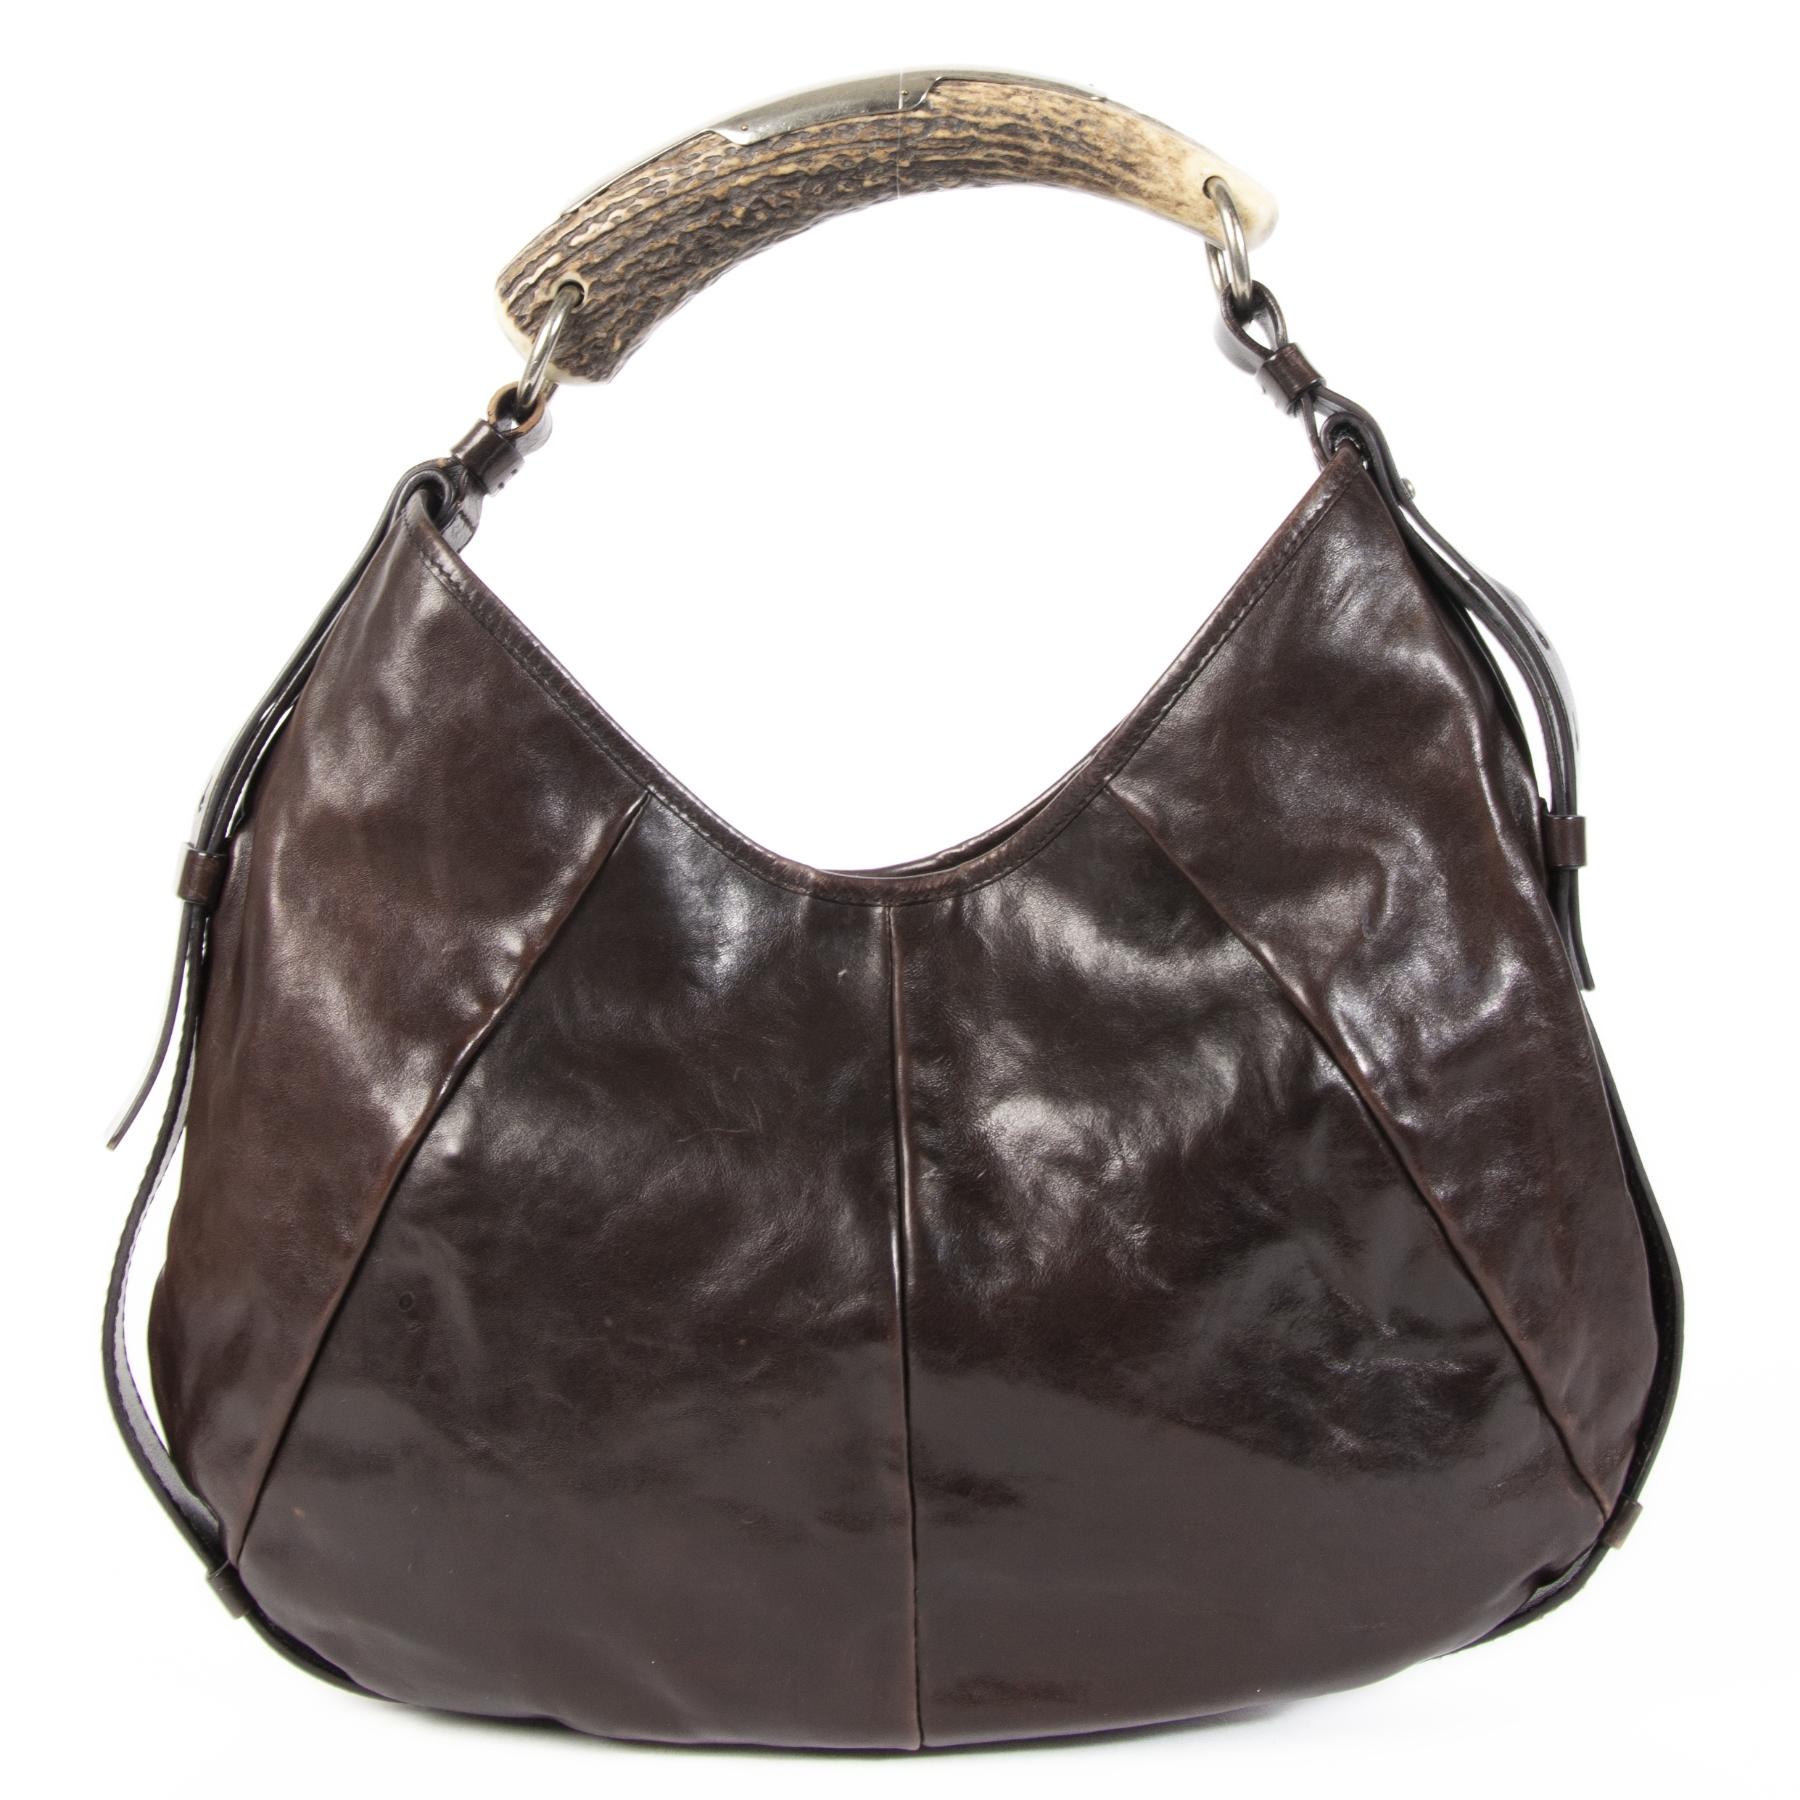 Authentieke Tweedehands Yves Saint Laurent Dark Brown Leather Mombasa Hobo Bag juiste prijs veilig online shoppen luxe merken webshop winkelen Antwerpen België mode fashion